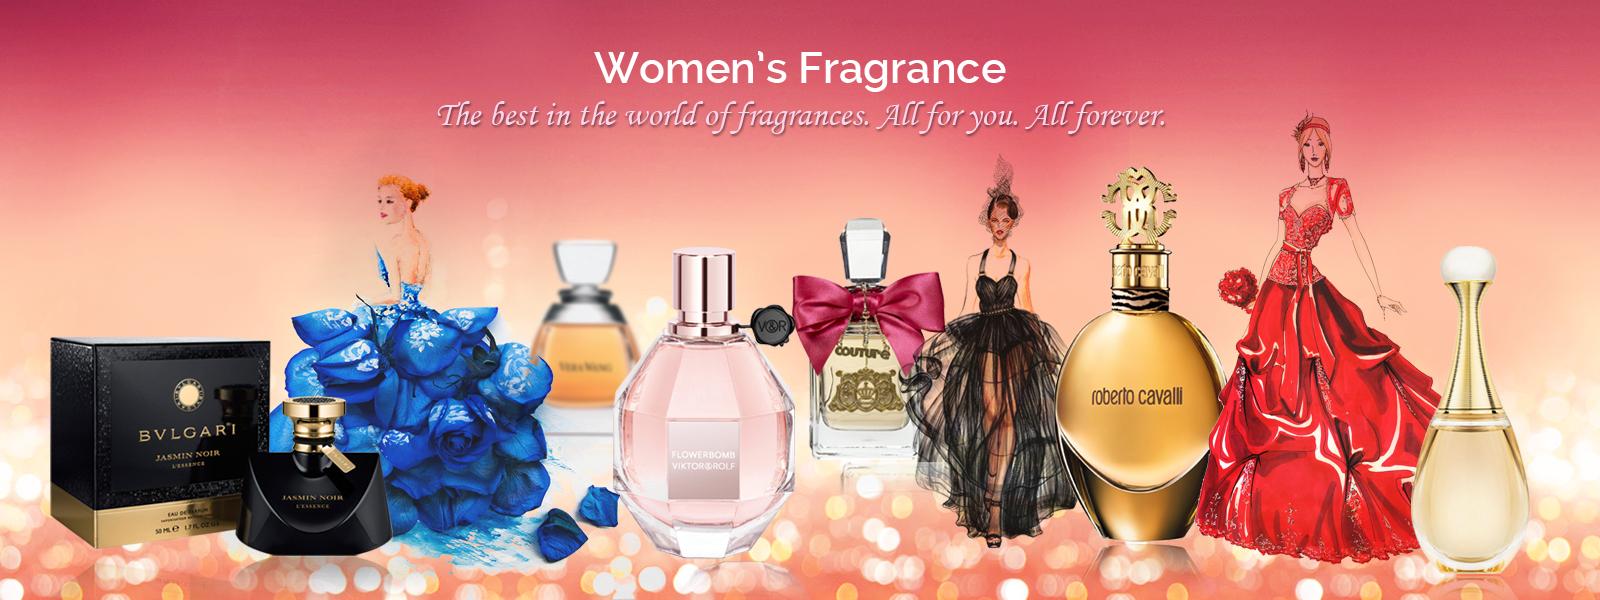 Luxury Women's Fragrances